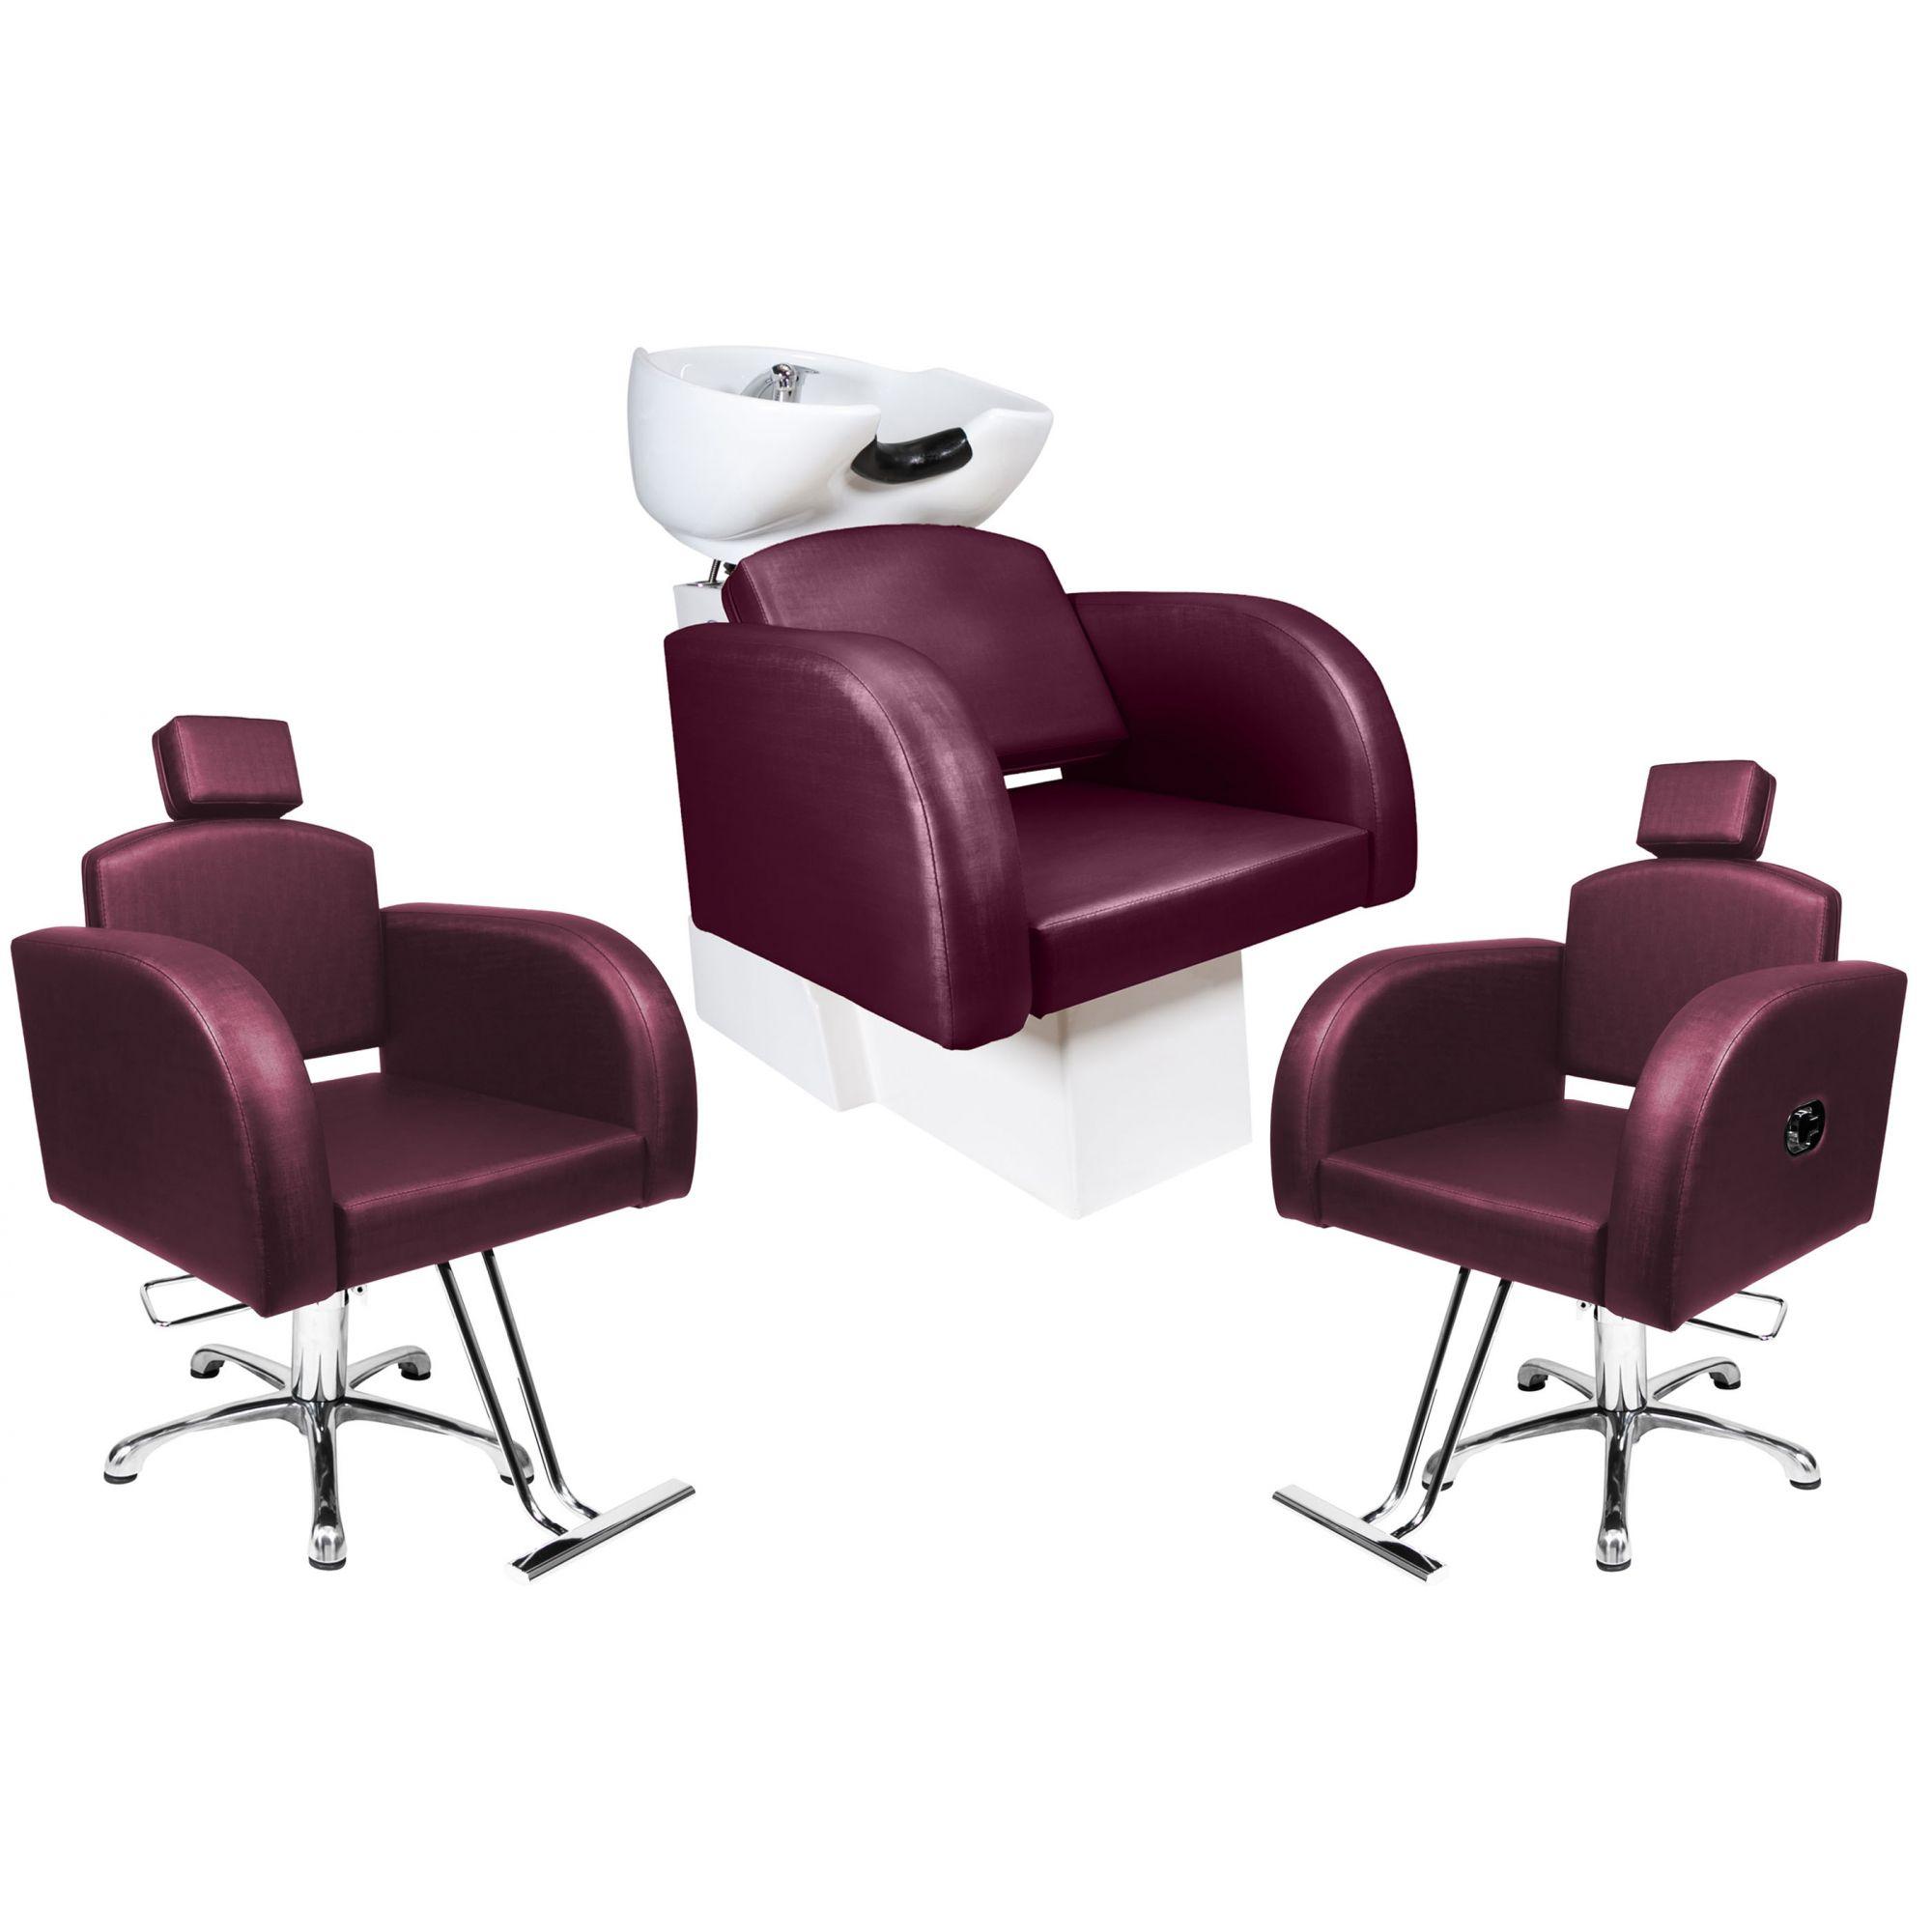 Destak Bordo - Lavatorio + Cadeira Reclinável + Cadeira Fixa